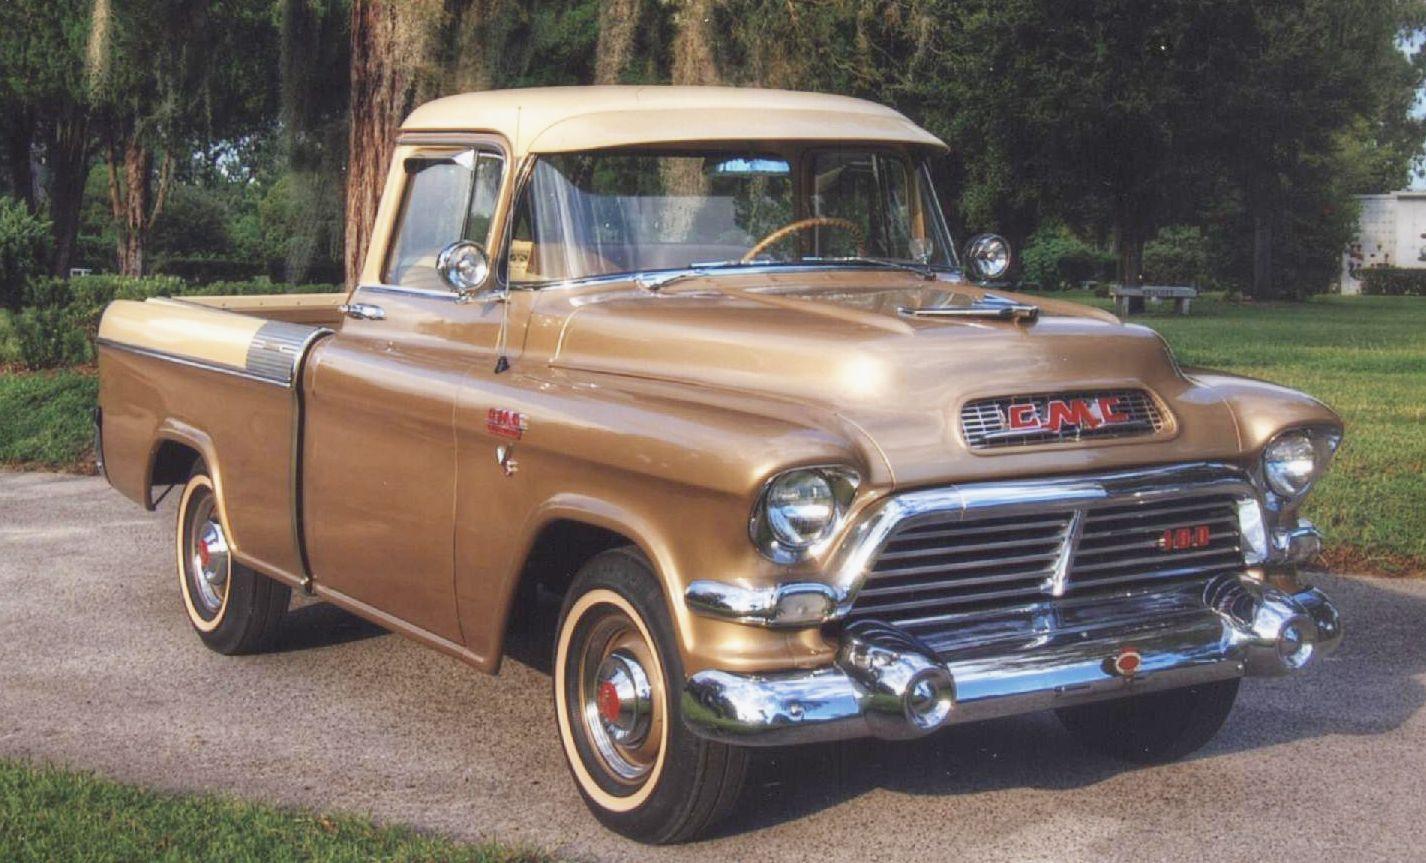 1957 Gmc Palomino Show Truck Ralph Wescott Largo Fl Gmc